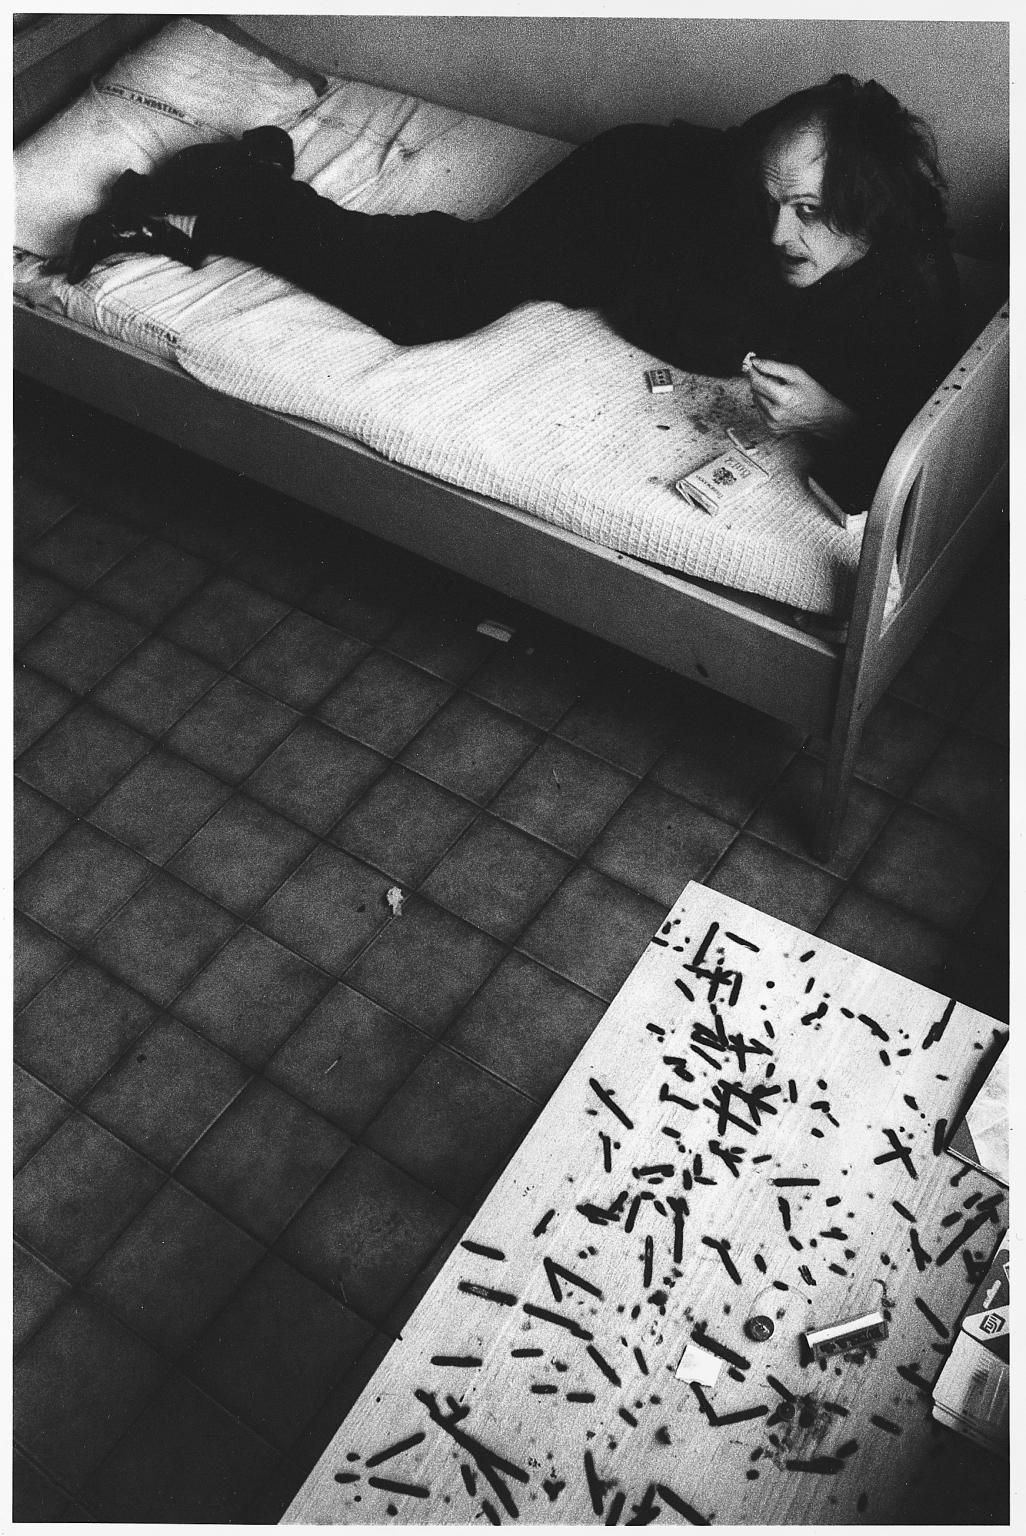 Anders Petersen, Mental Hospital, 1995 .Artwork